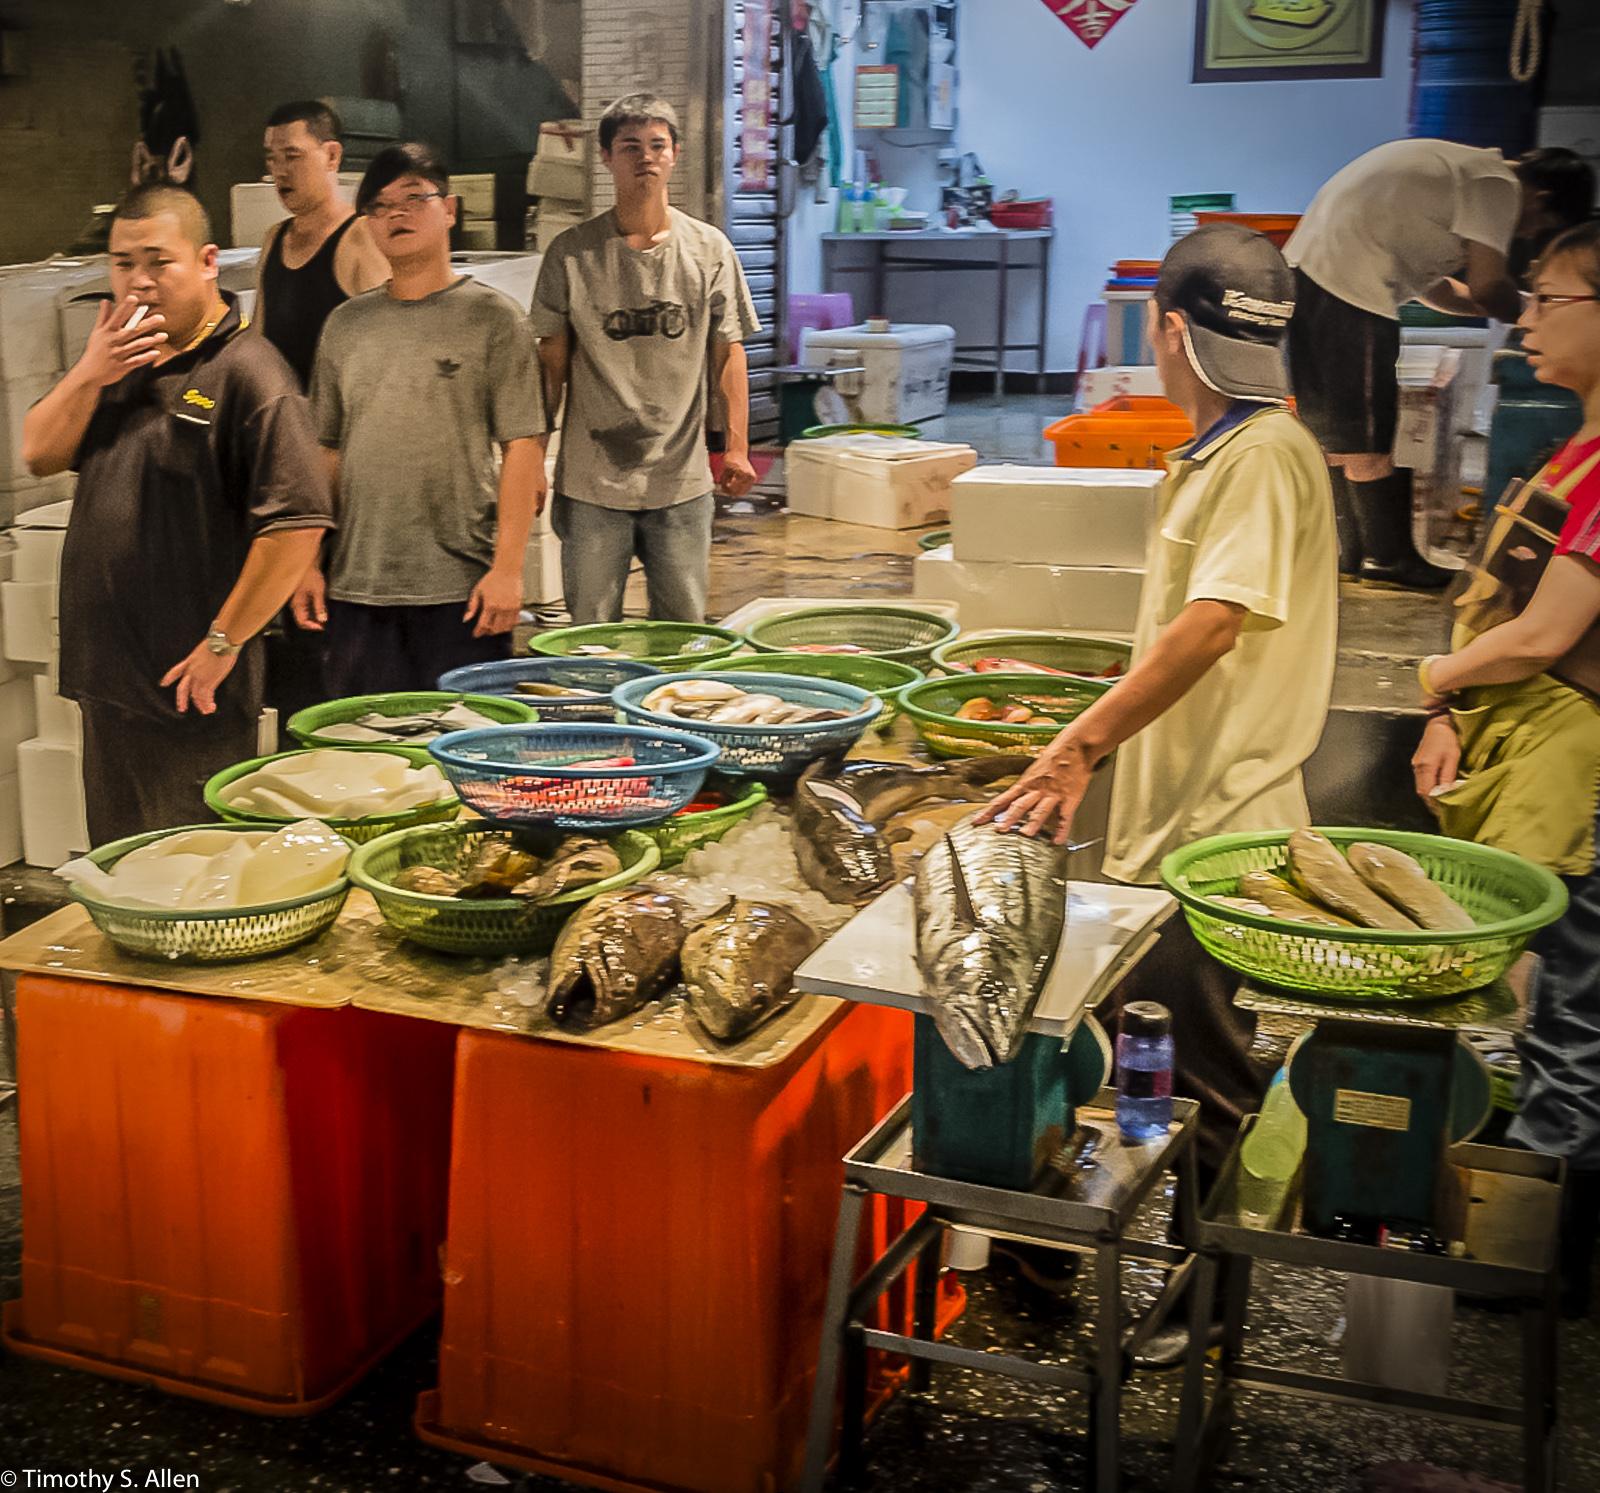 Suspicion keelung wholesale fish market photographs by for Wholesale fish market